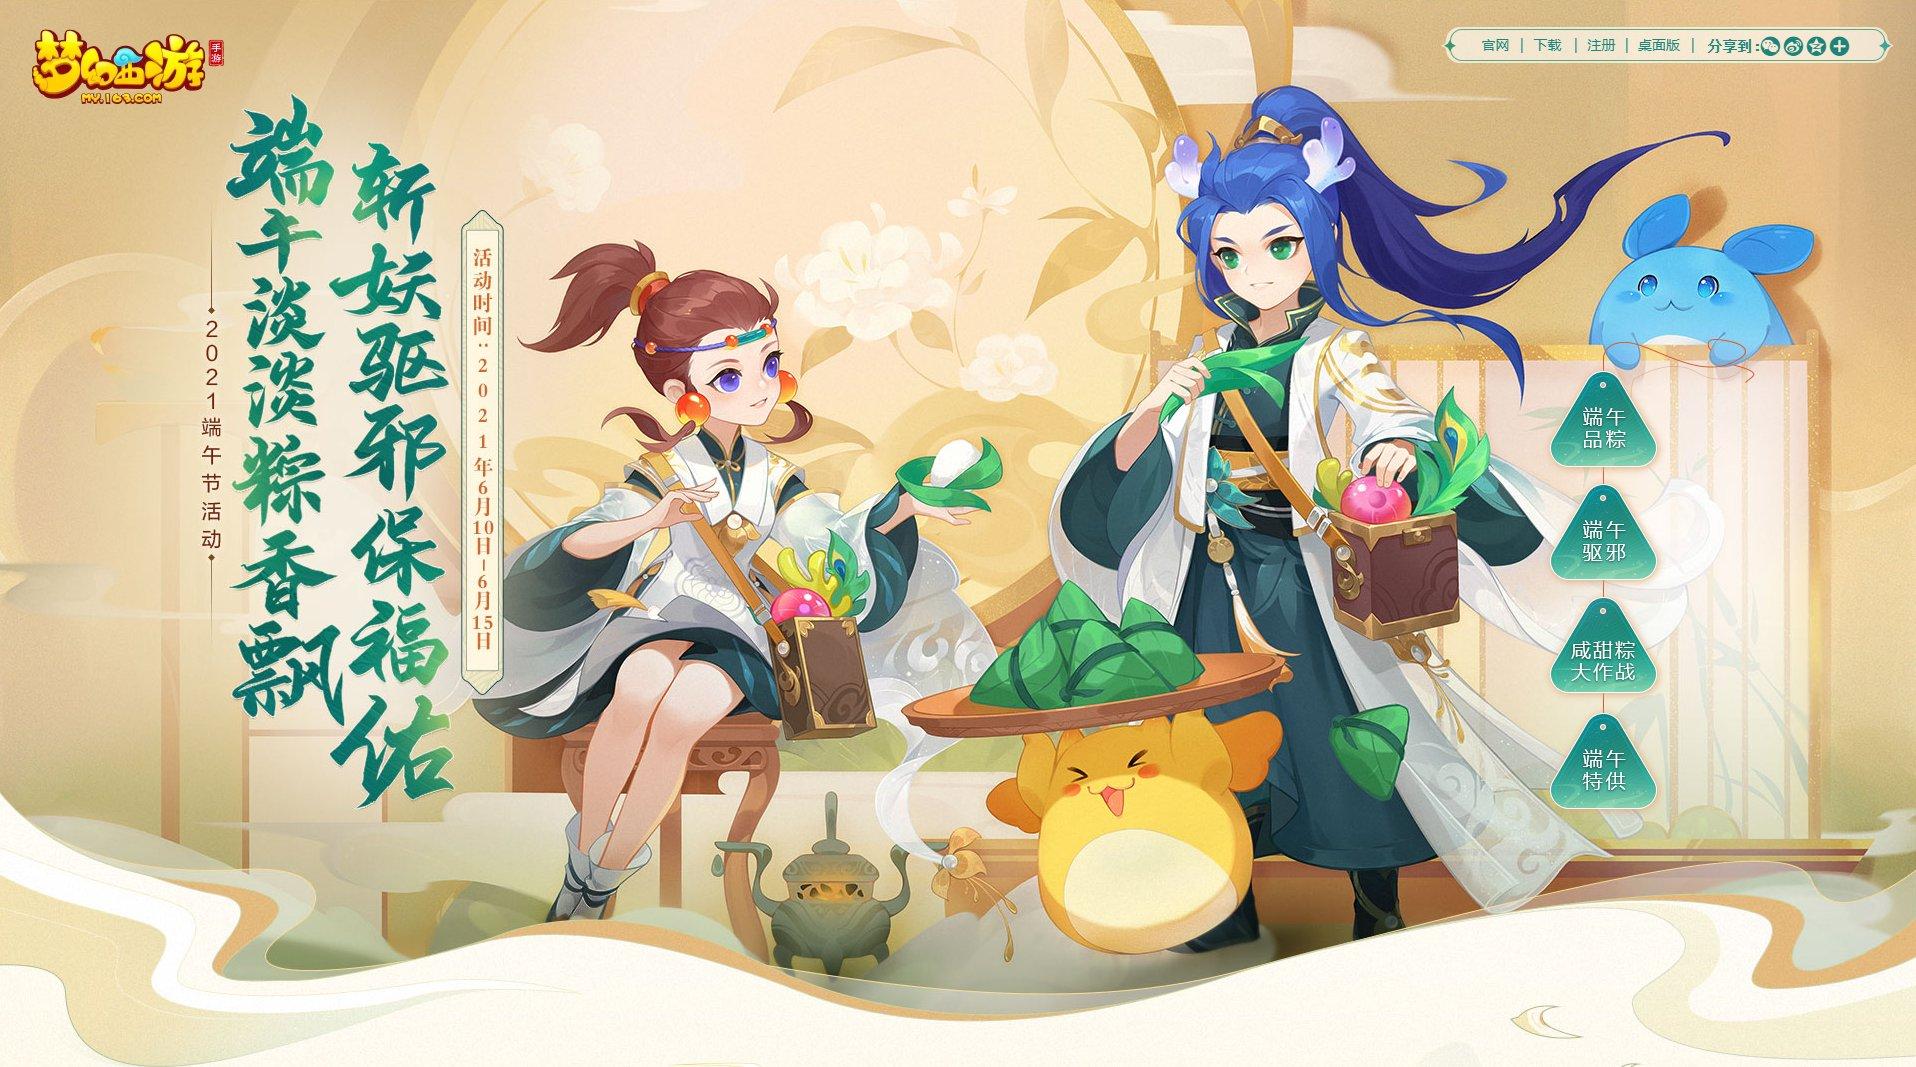 粽情梦幻初夏狂欢,《梦幻西游》手游端午节活动开启,与你共度佳节!